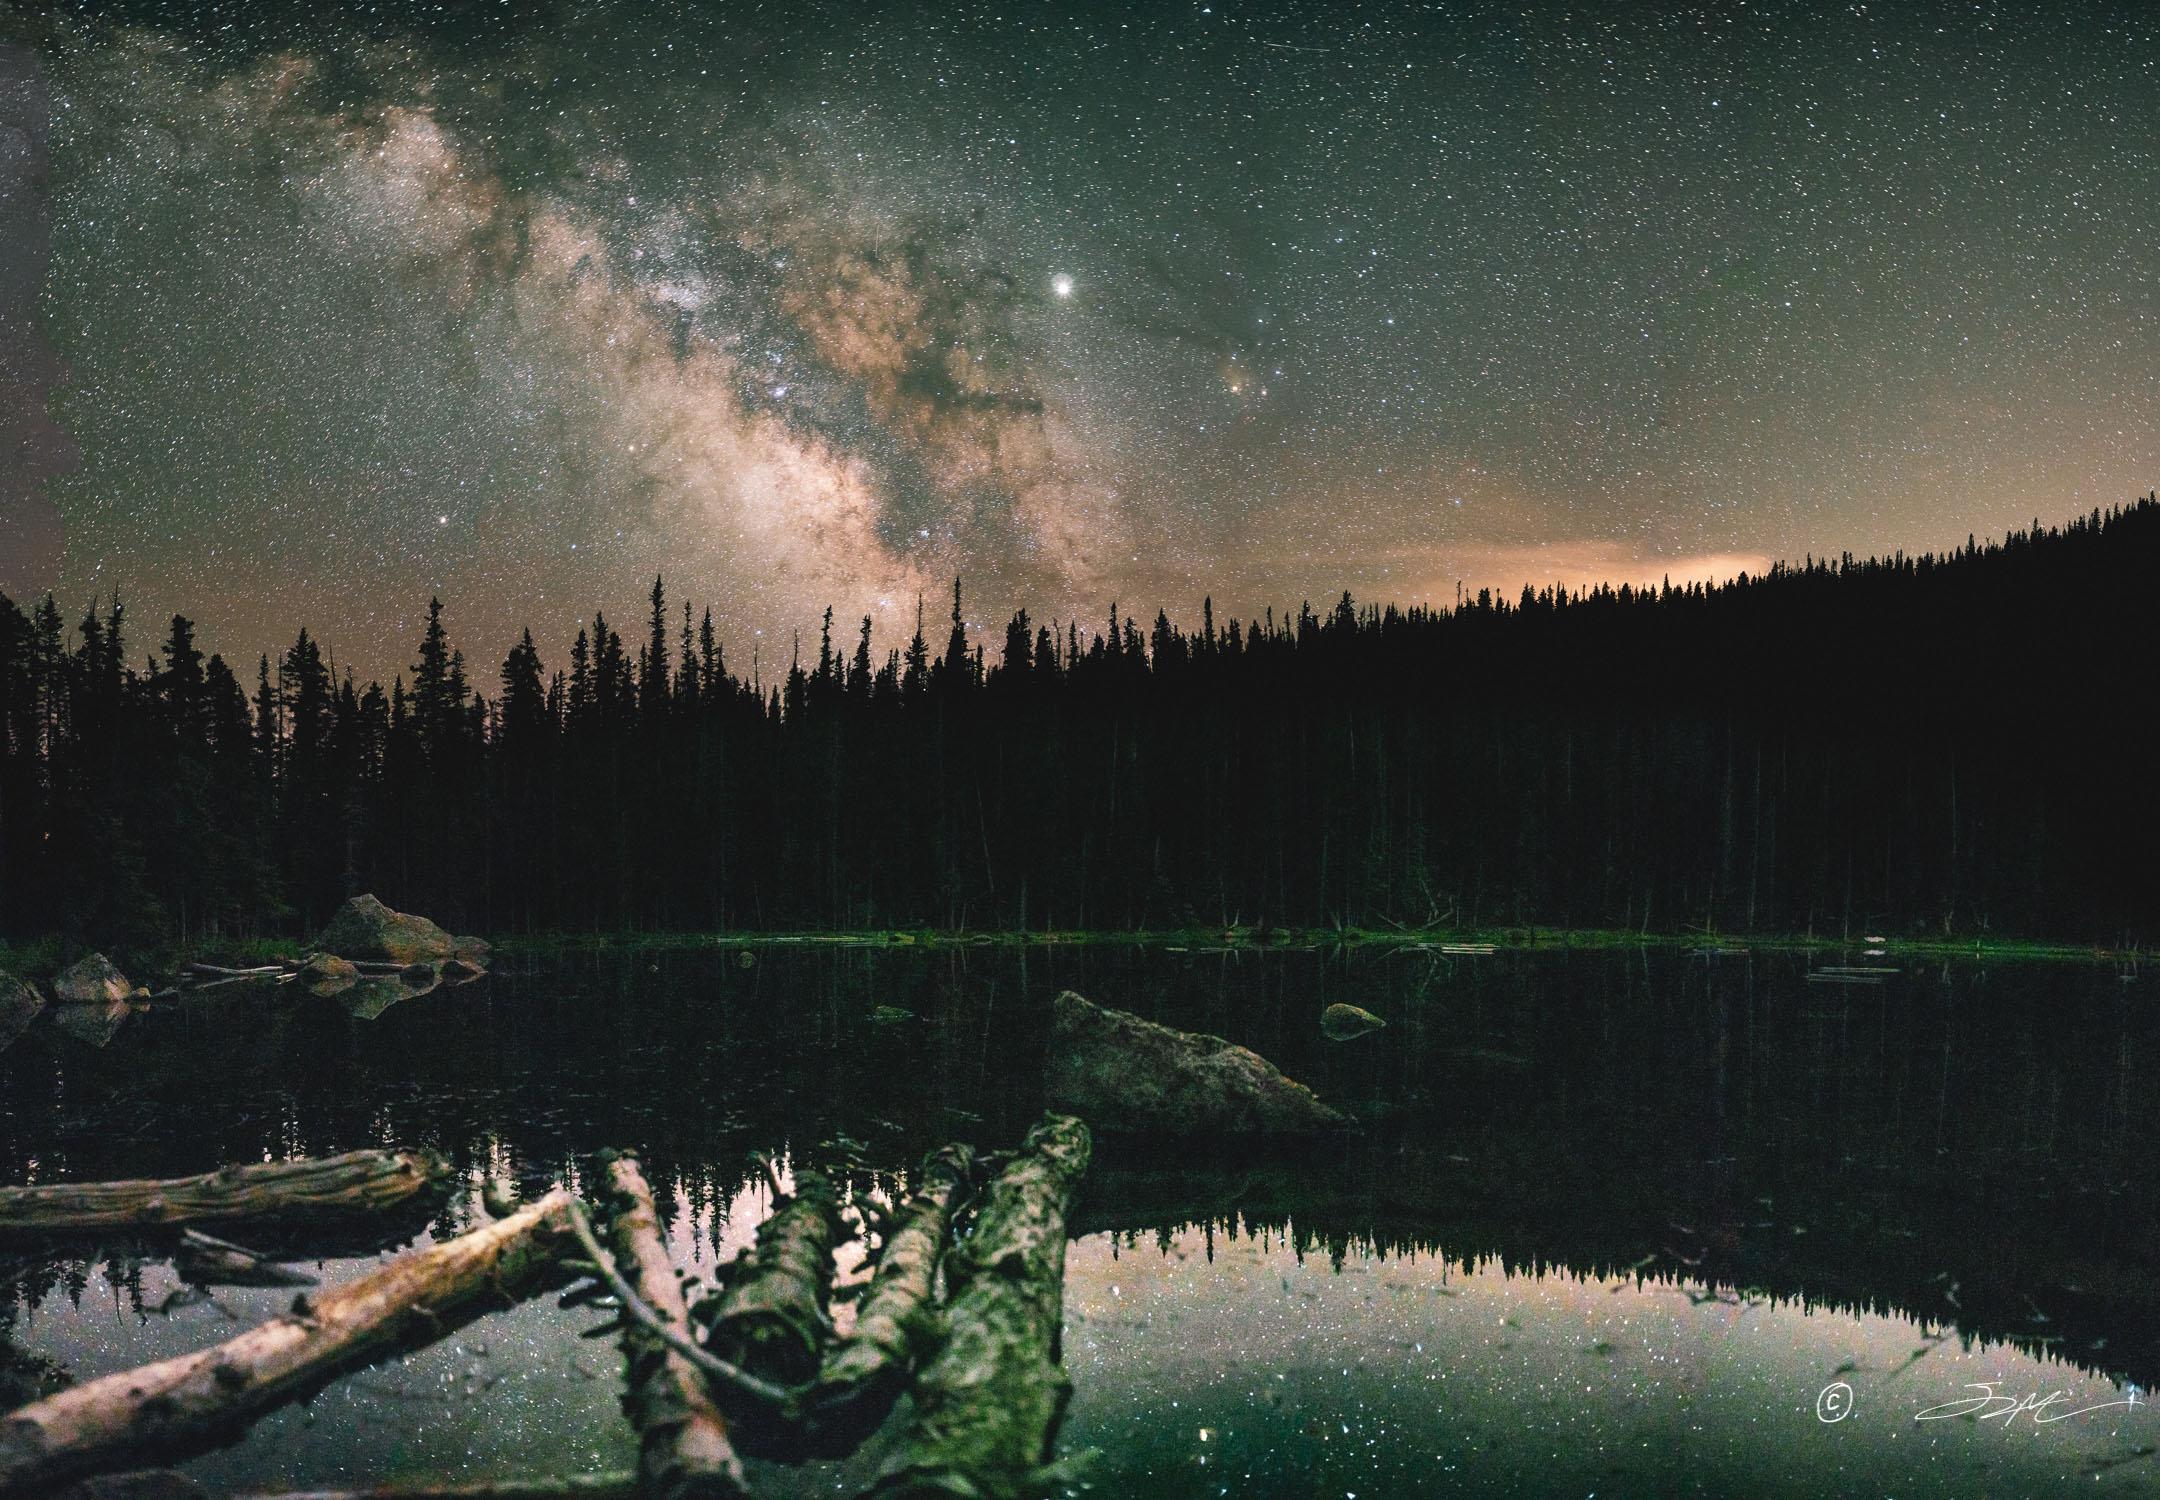 spirit lake at night color tiff.jpg